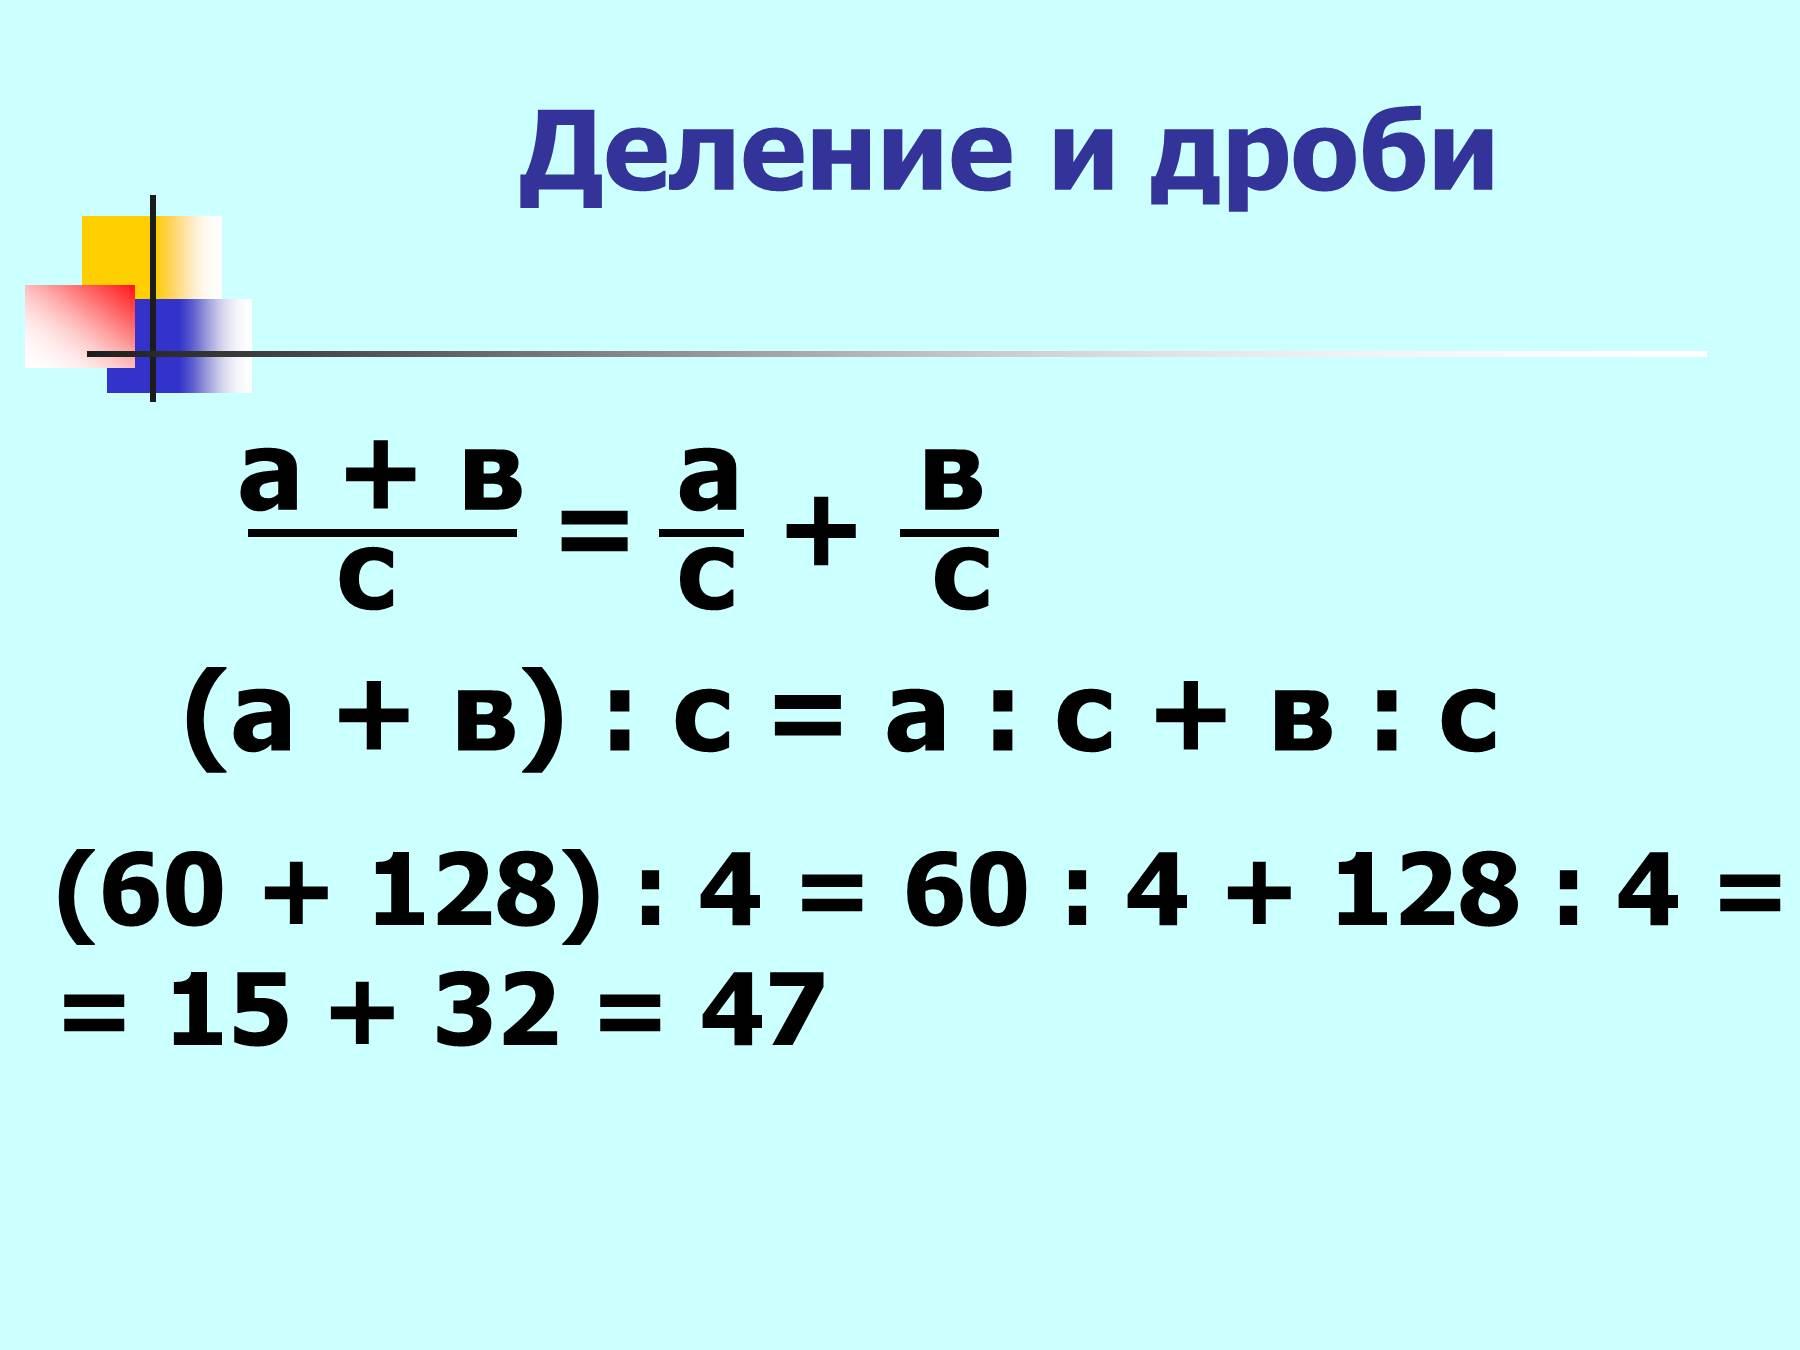 Схема деления десятичных дробей